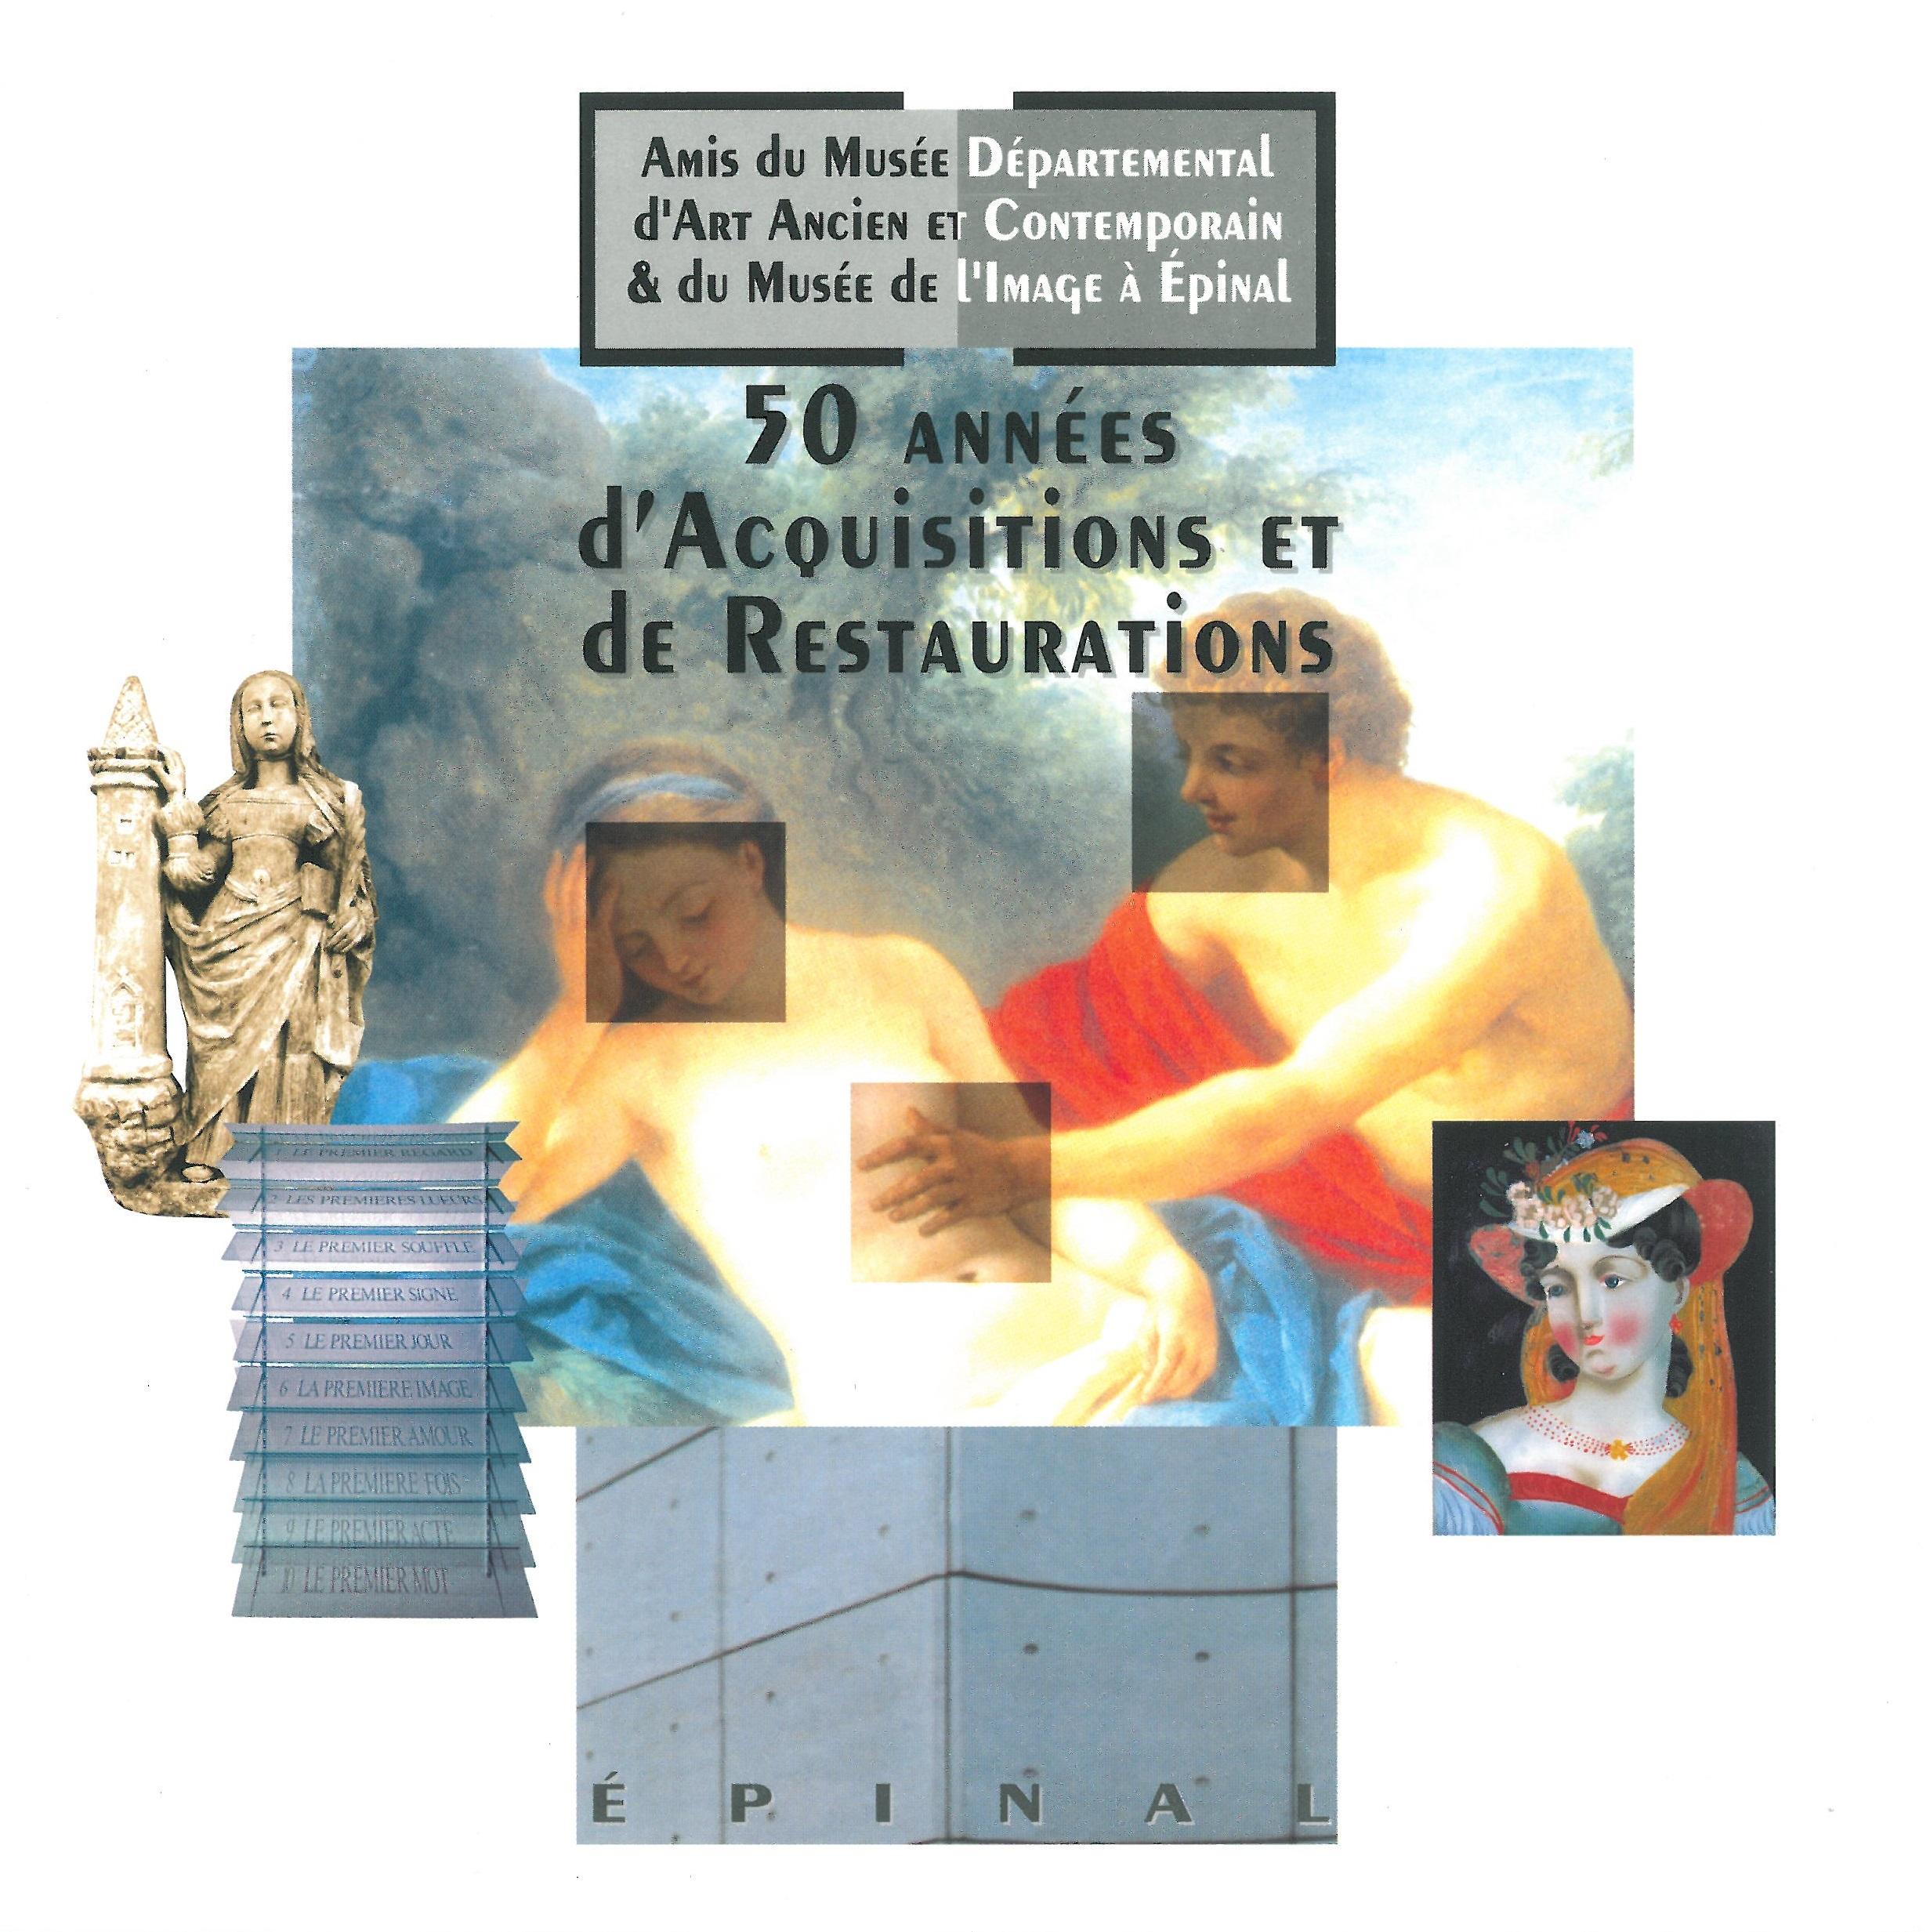 50 années d'acquisitions et de réstaurations